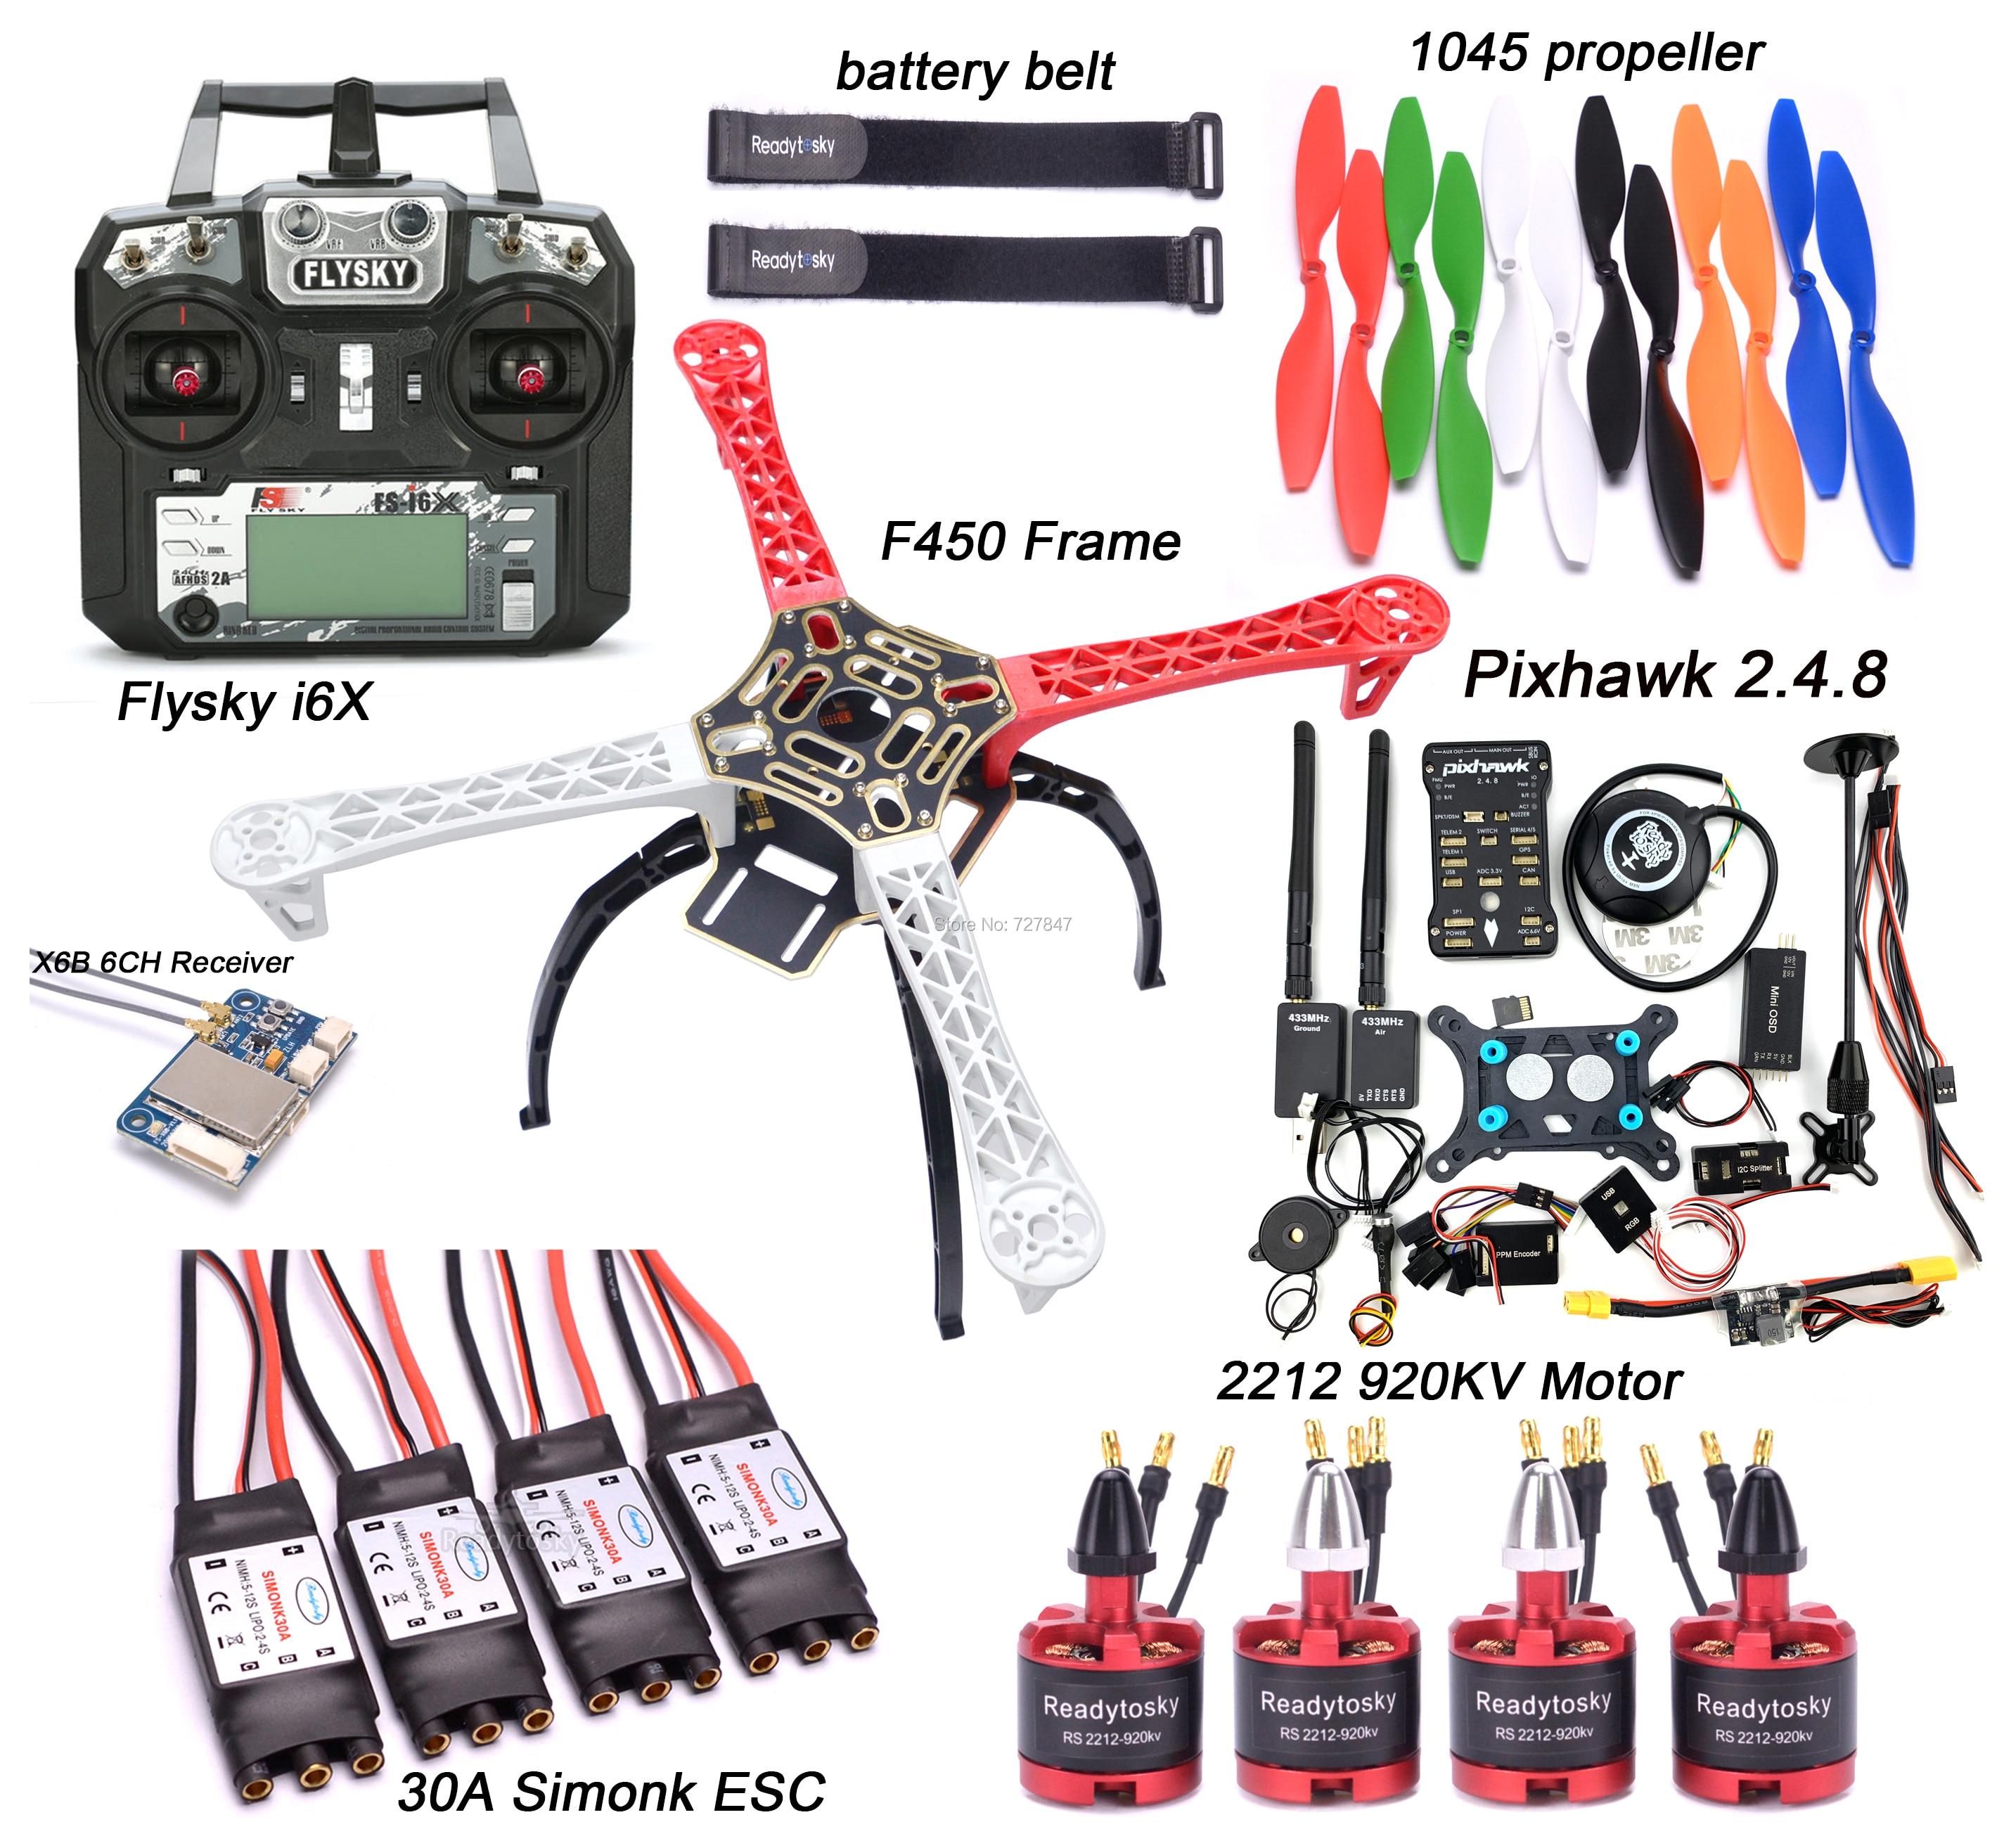 F450 450mm quadcopter quadro kit pixhawk 2.4.8 controle de vôo m8n gps 30a sichide brushless esc 2212 920kv motor flysky i6x + x6b